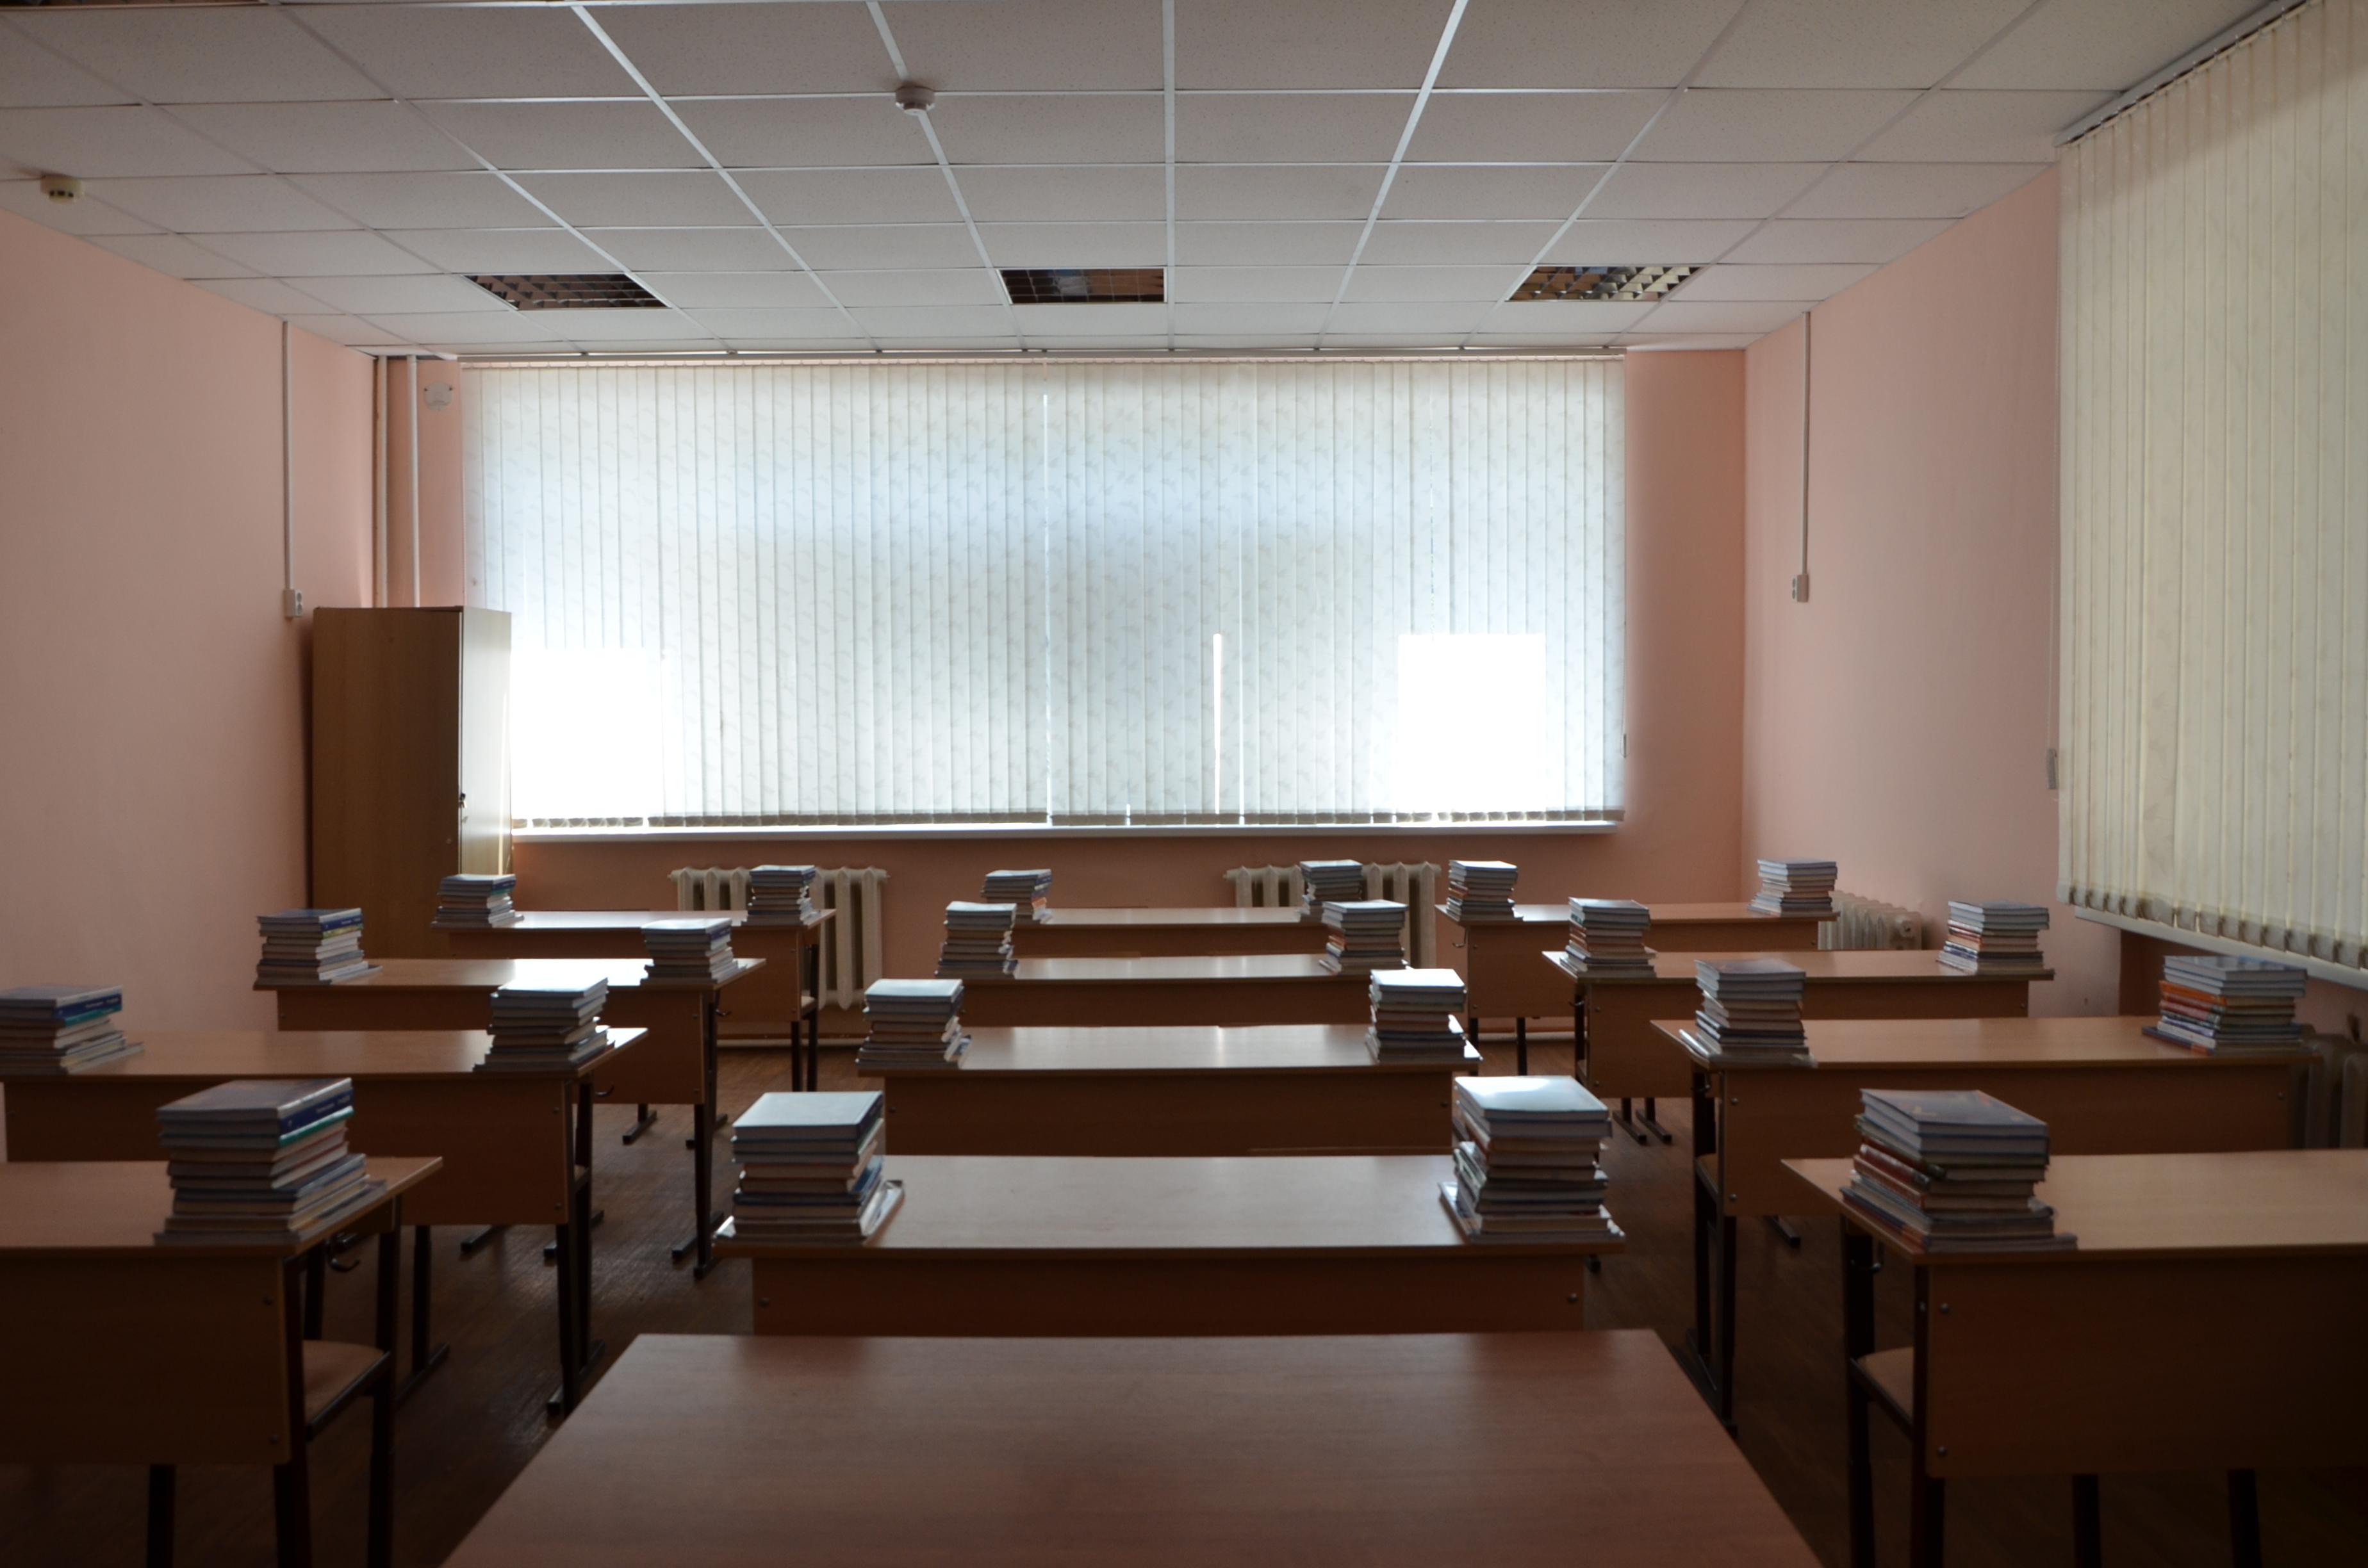 Подготовку образовательных учреждений к новому учебному году проверил глава города Михаил Исаев